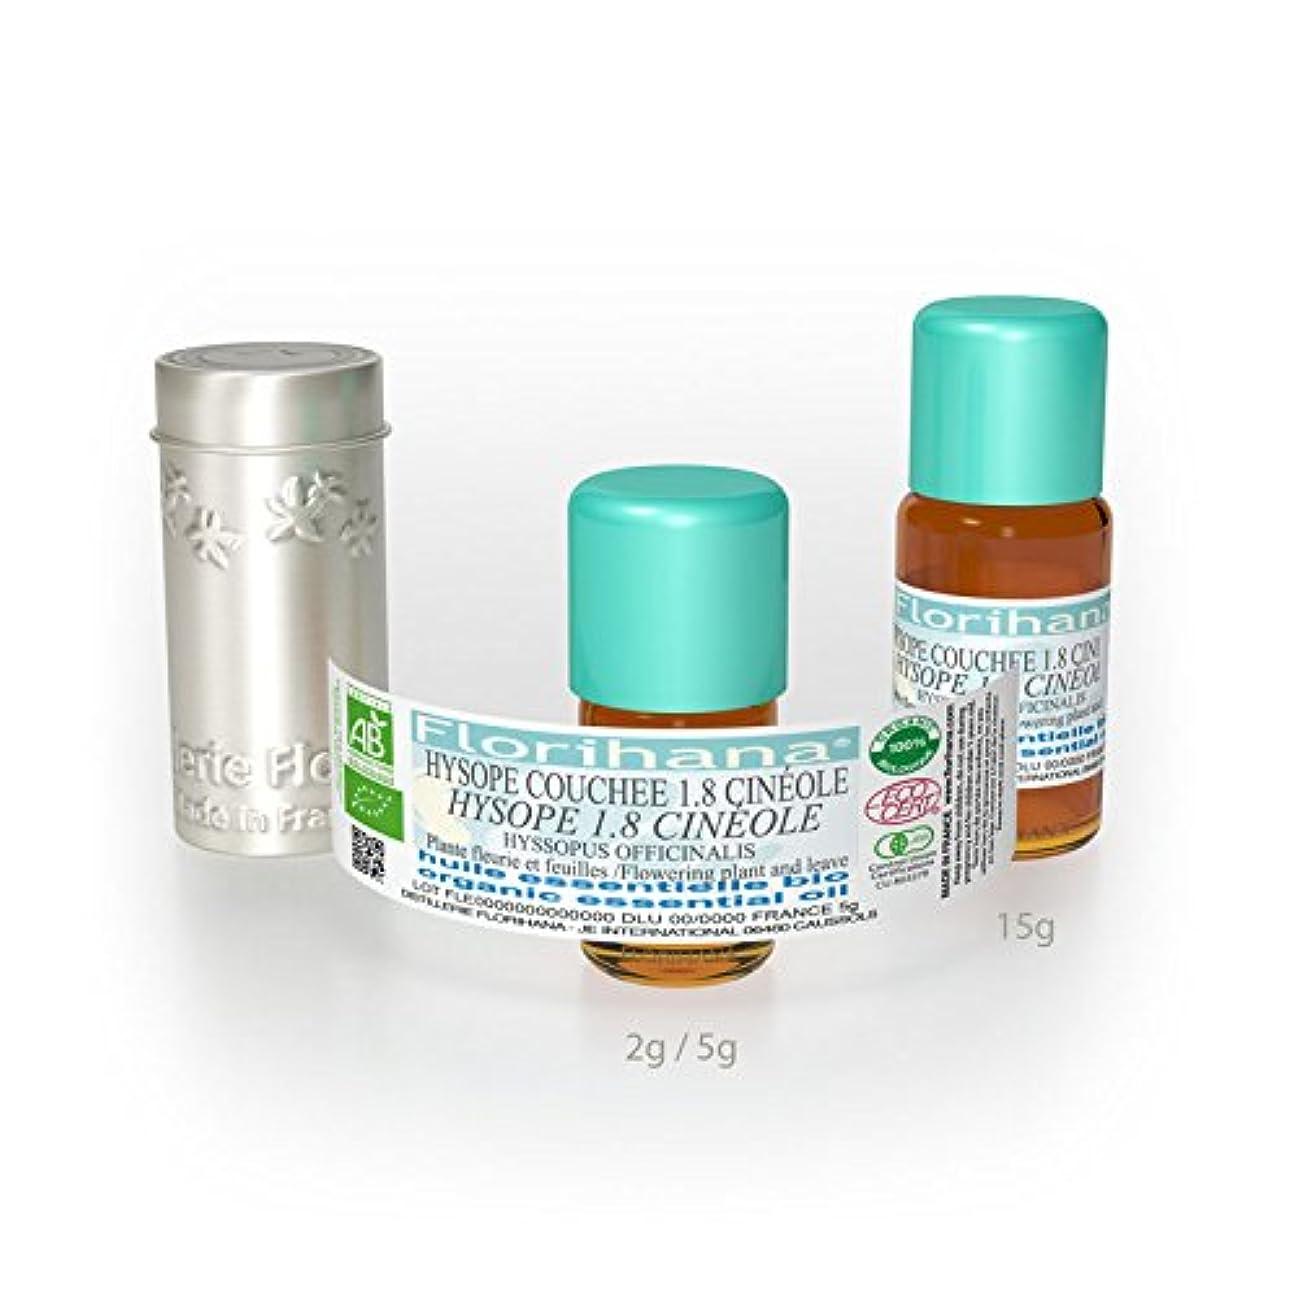 ゾーン冷蔵庫解凍する、雪解け、霜解けオーガニック エッセンシャルオイル ヒソップ1.8シネオール 15g(16.5ml)